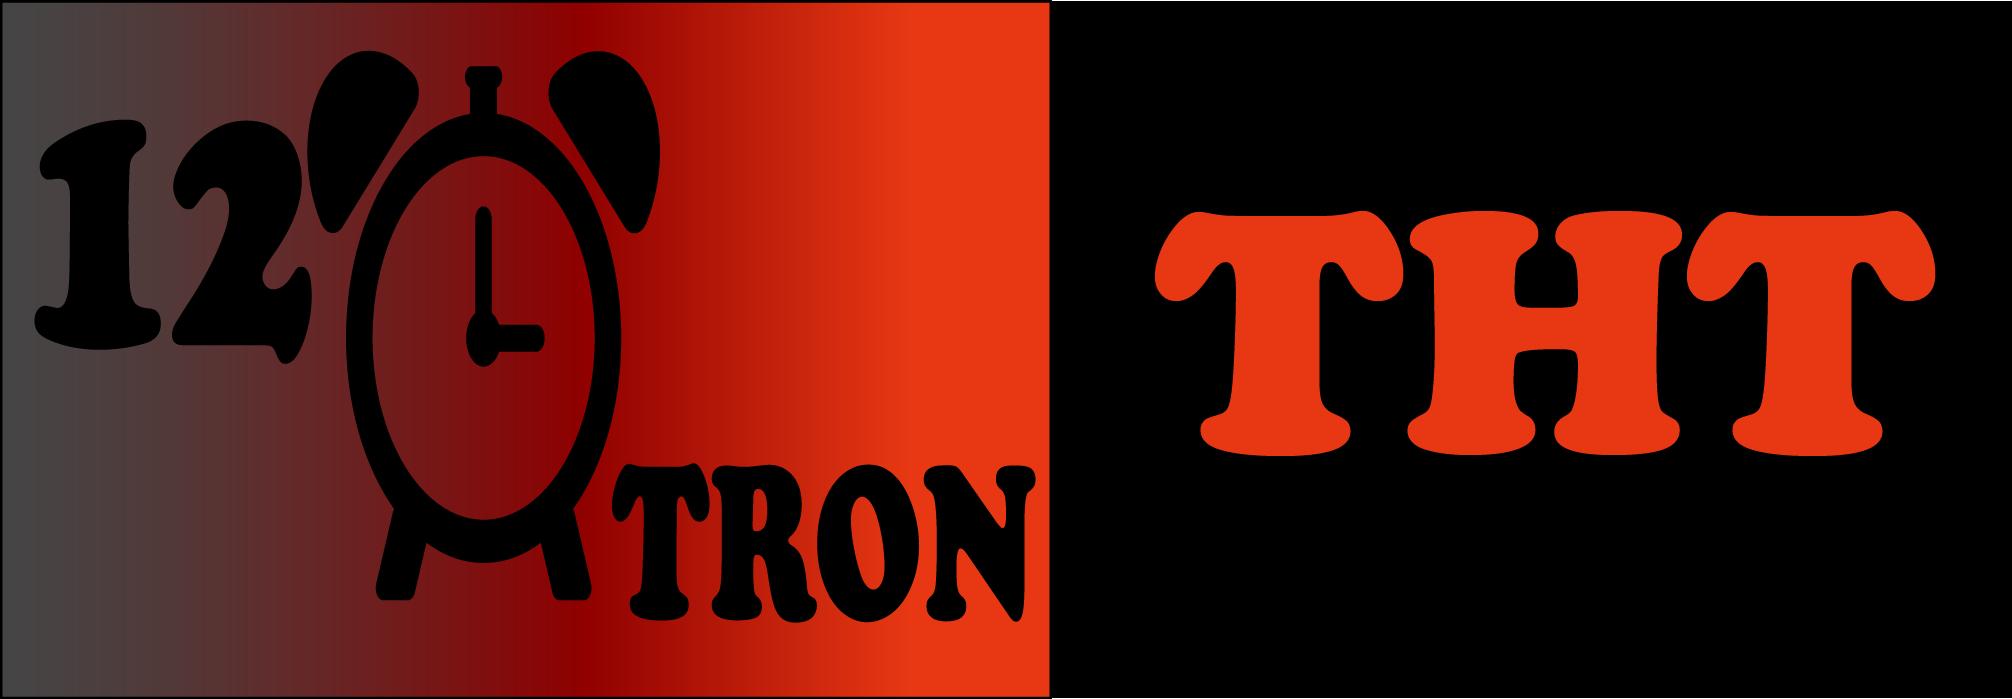 12 Hour Tron logo